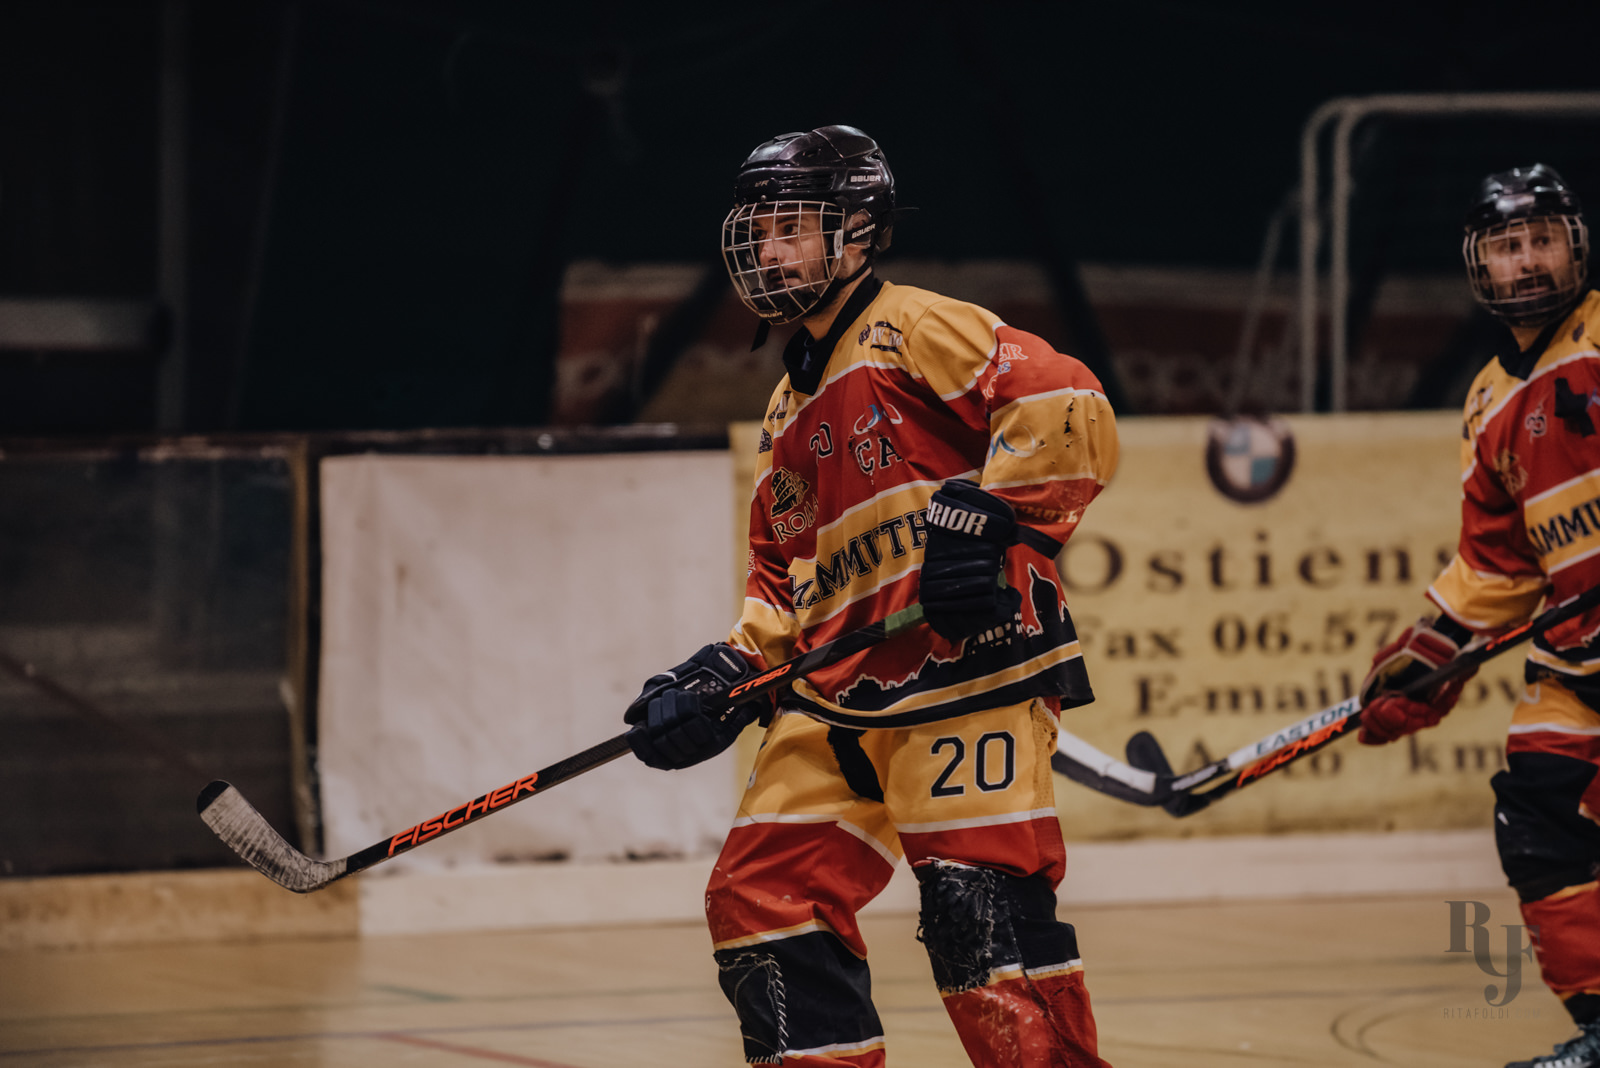 hockey roma, inline hockey roma, pattinaggio roma, rita foldi photo, sports photography, hockey roma, mammuth hockey roma